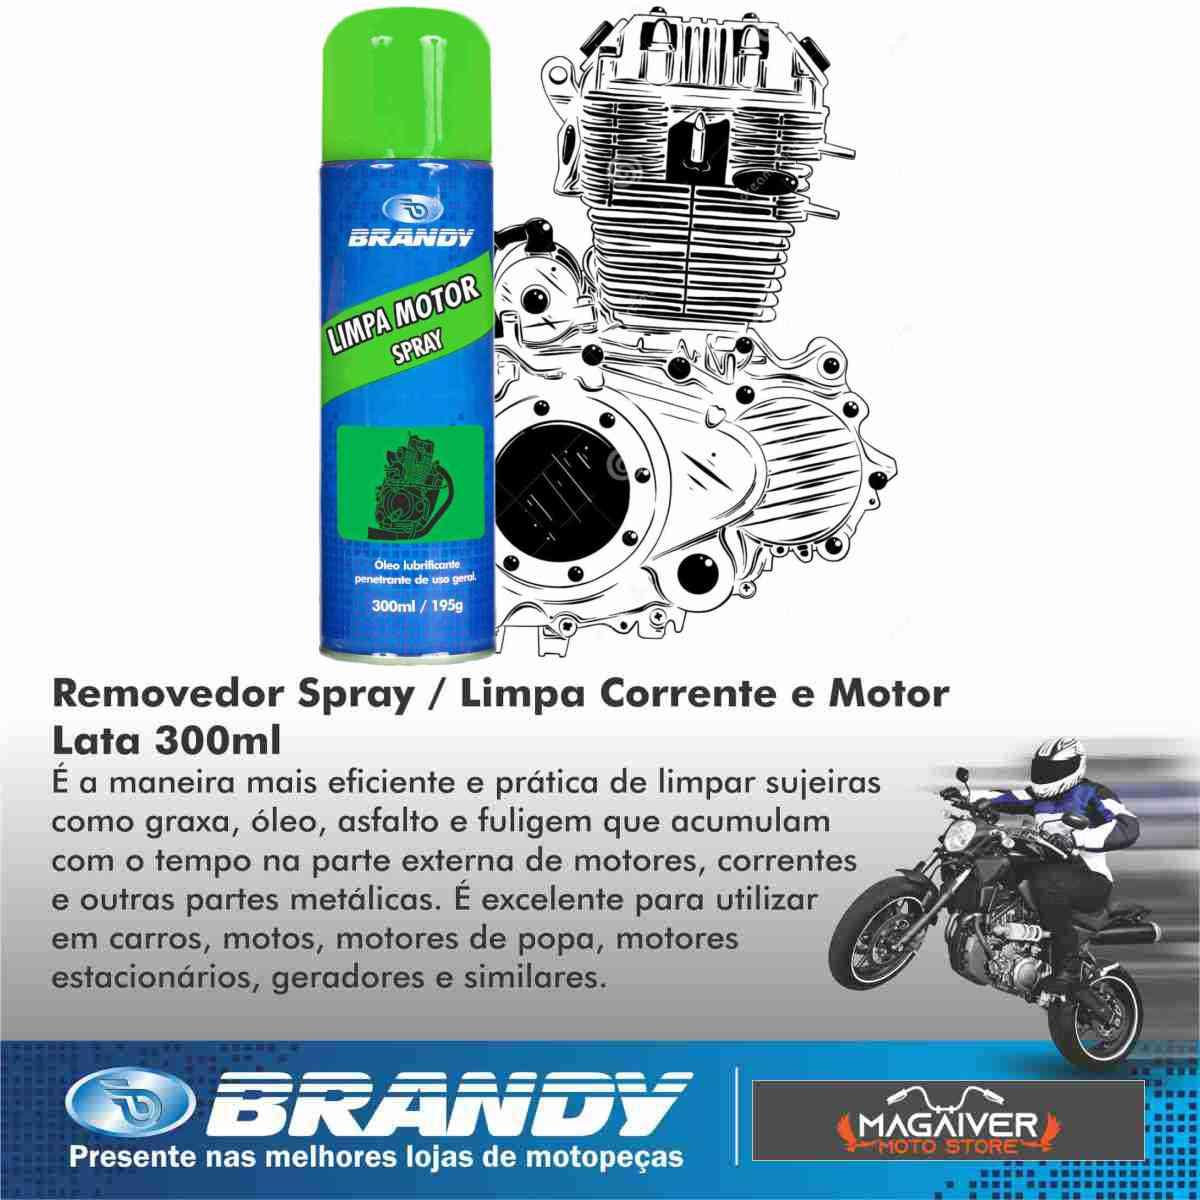 KIT 1 GRAXA MOTO SPRAY + 1 REMOVEDOR LIMPADOR CORRENTE E MOTOR + 2 REPARADOR PNEU MOTOS FURADO 190ml